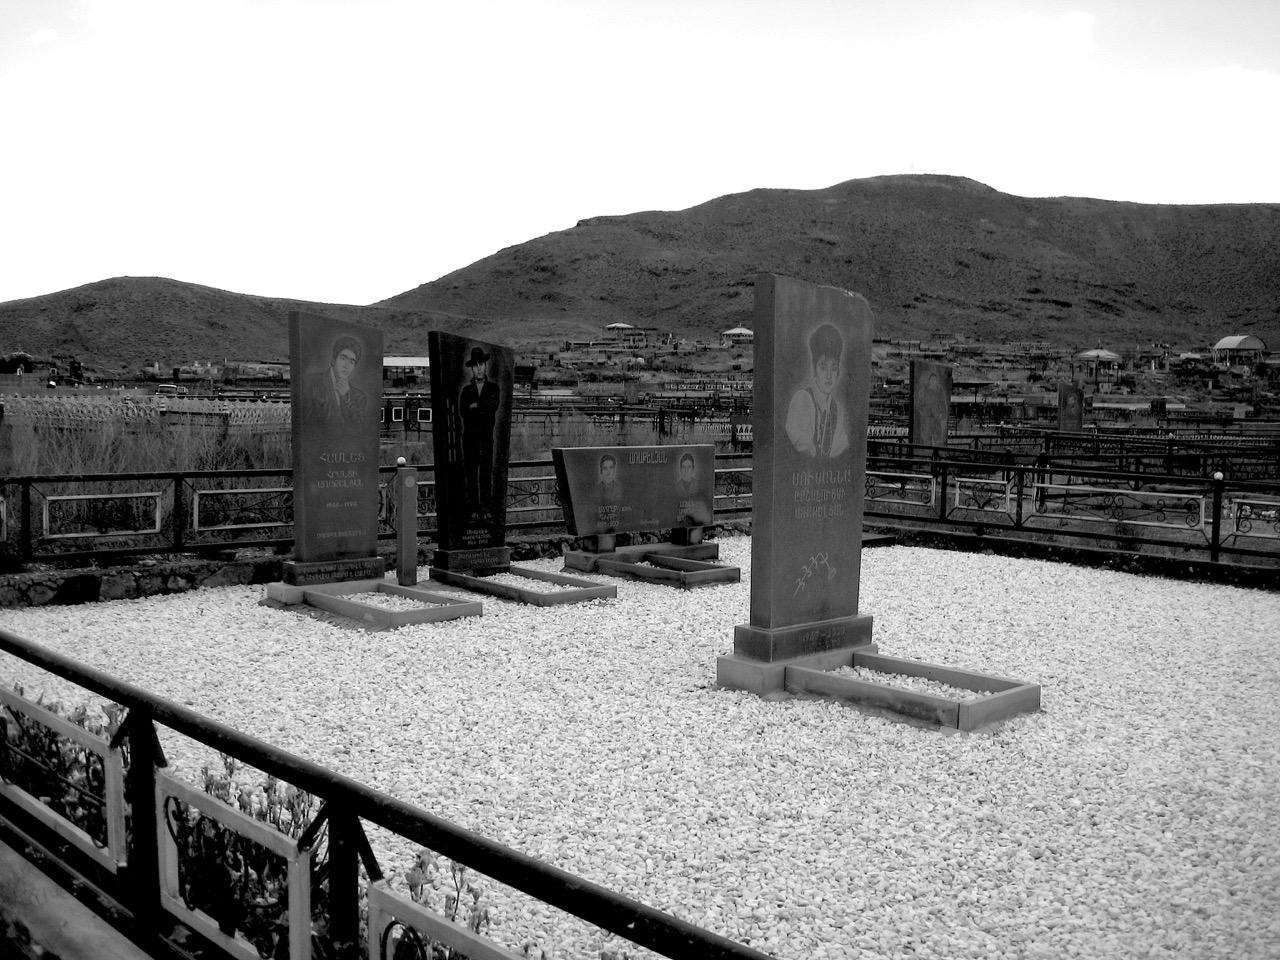 Foto: Friedhof. Aus: Eriwan. Kapitel 6 Aufzeichnungen aus Armenien von Marc Degens.